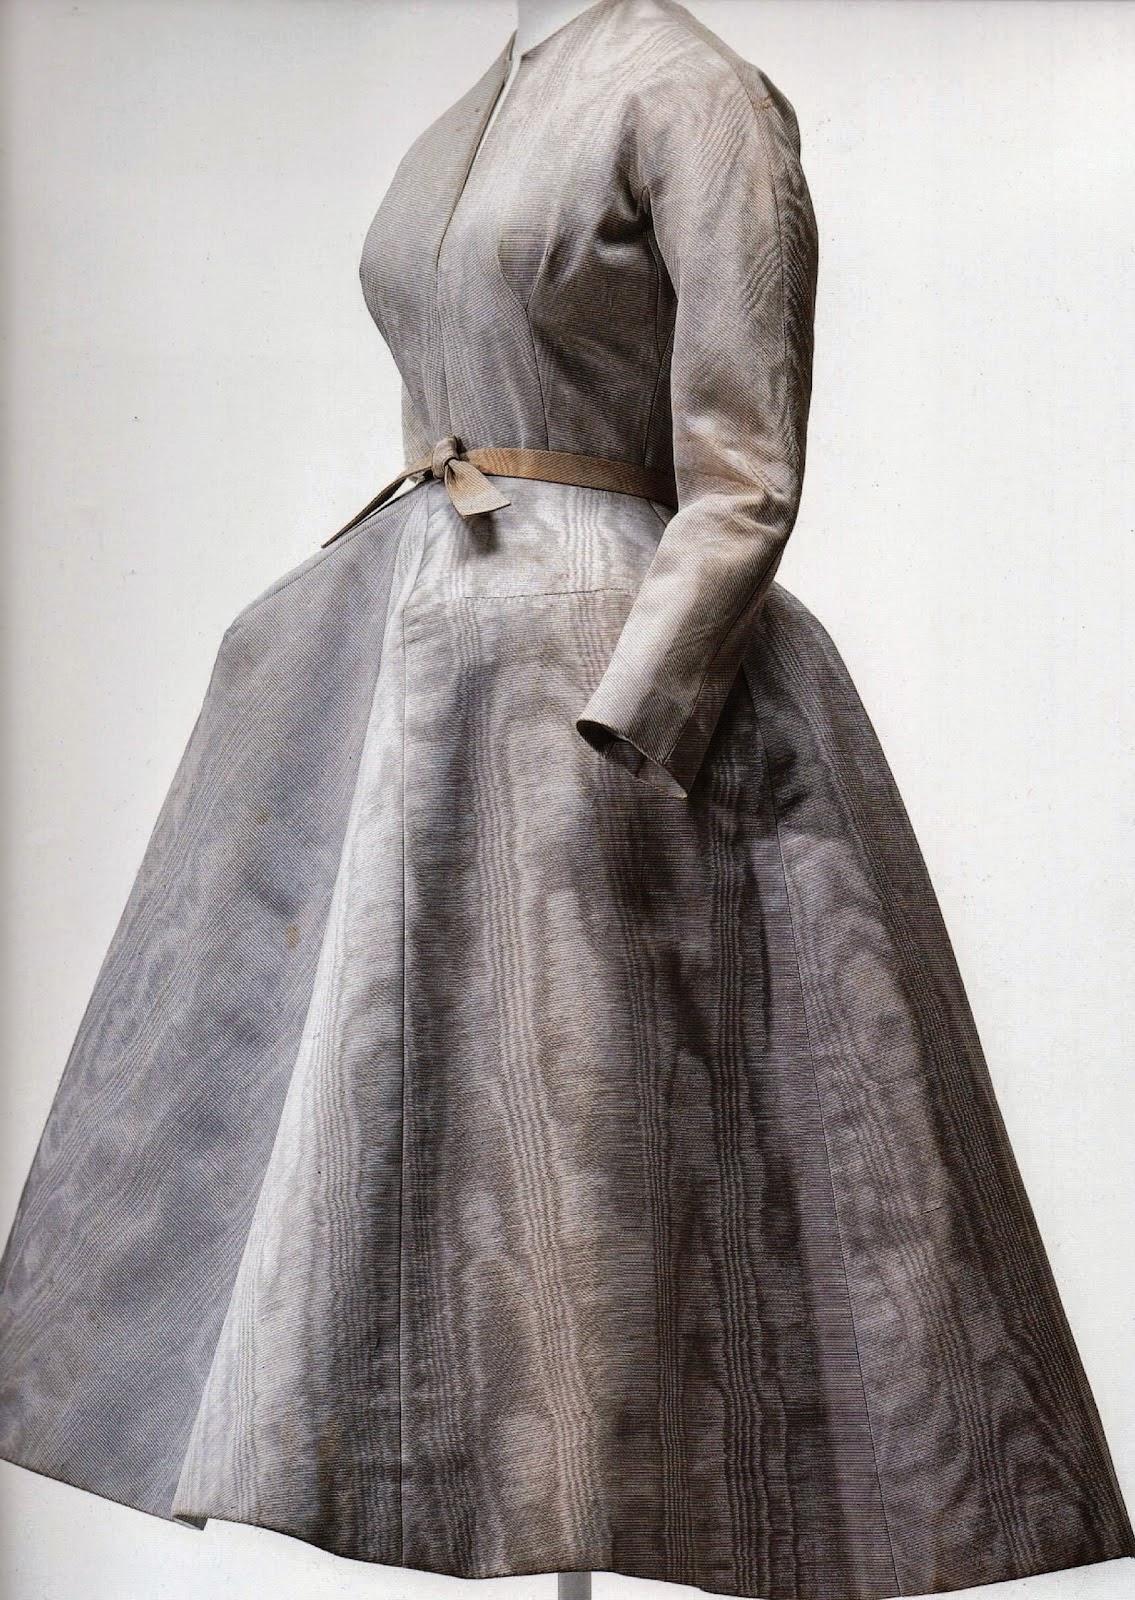 066fa84b4e Foto  Vestido de Dior. Historia de la moda y los tejidos